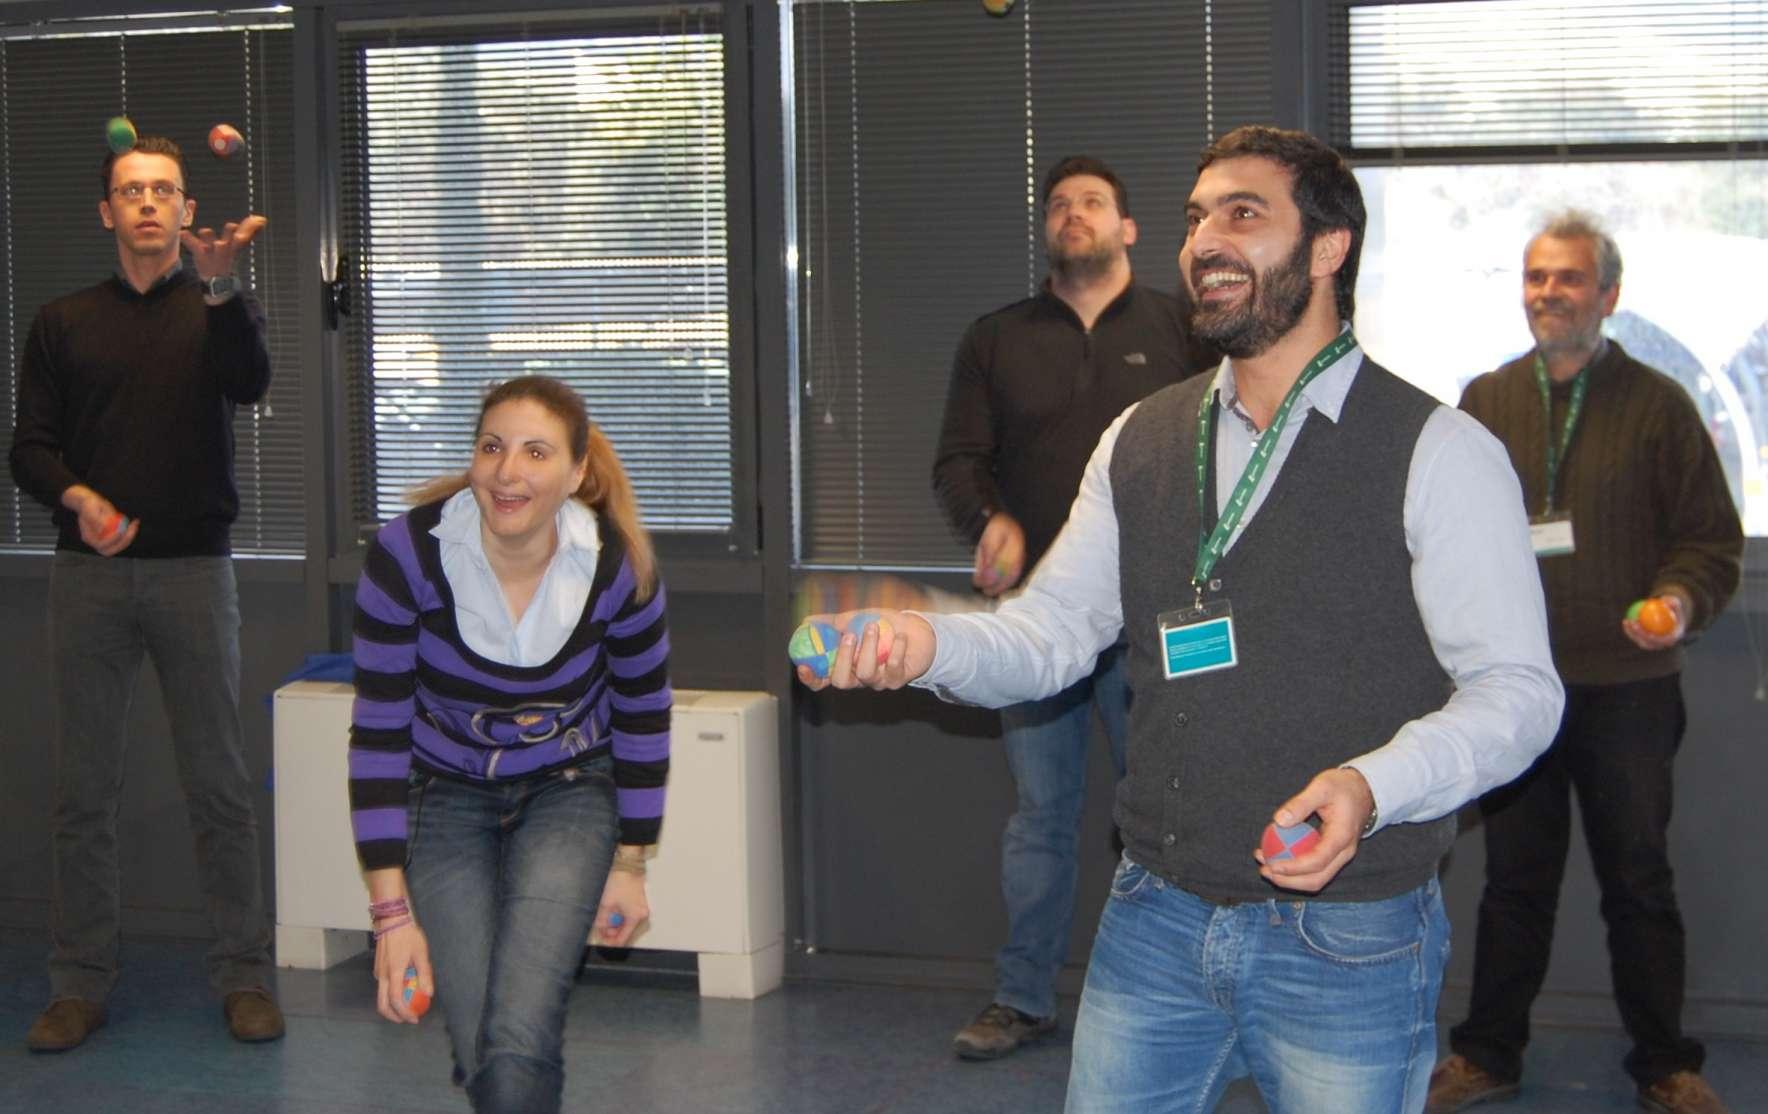 Στελέχη εταιρίας διασκεδάζουν μαθαίνοντας ζογκλερικά σε δραστηριότητα team building.